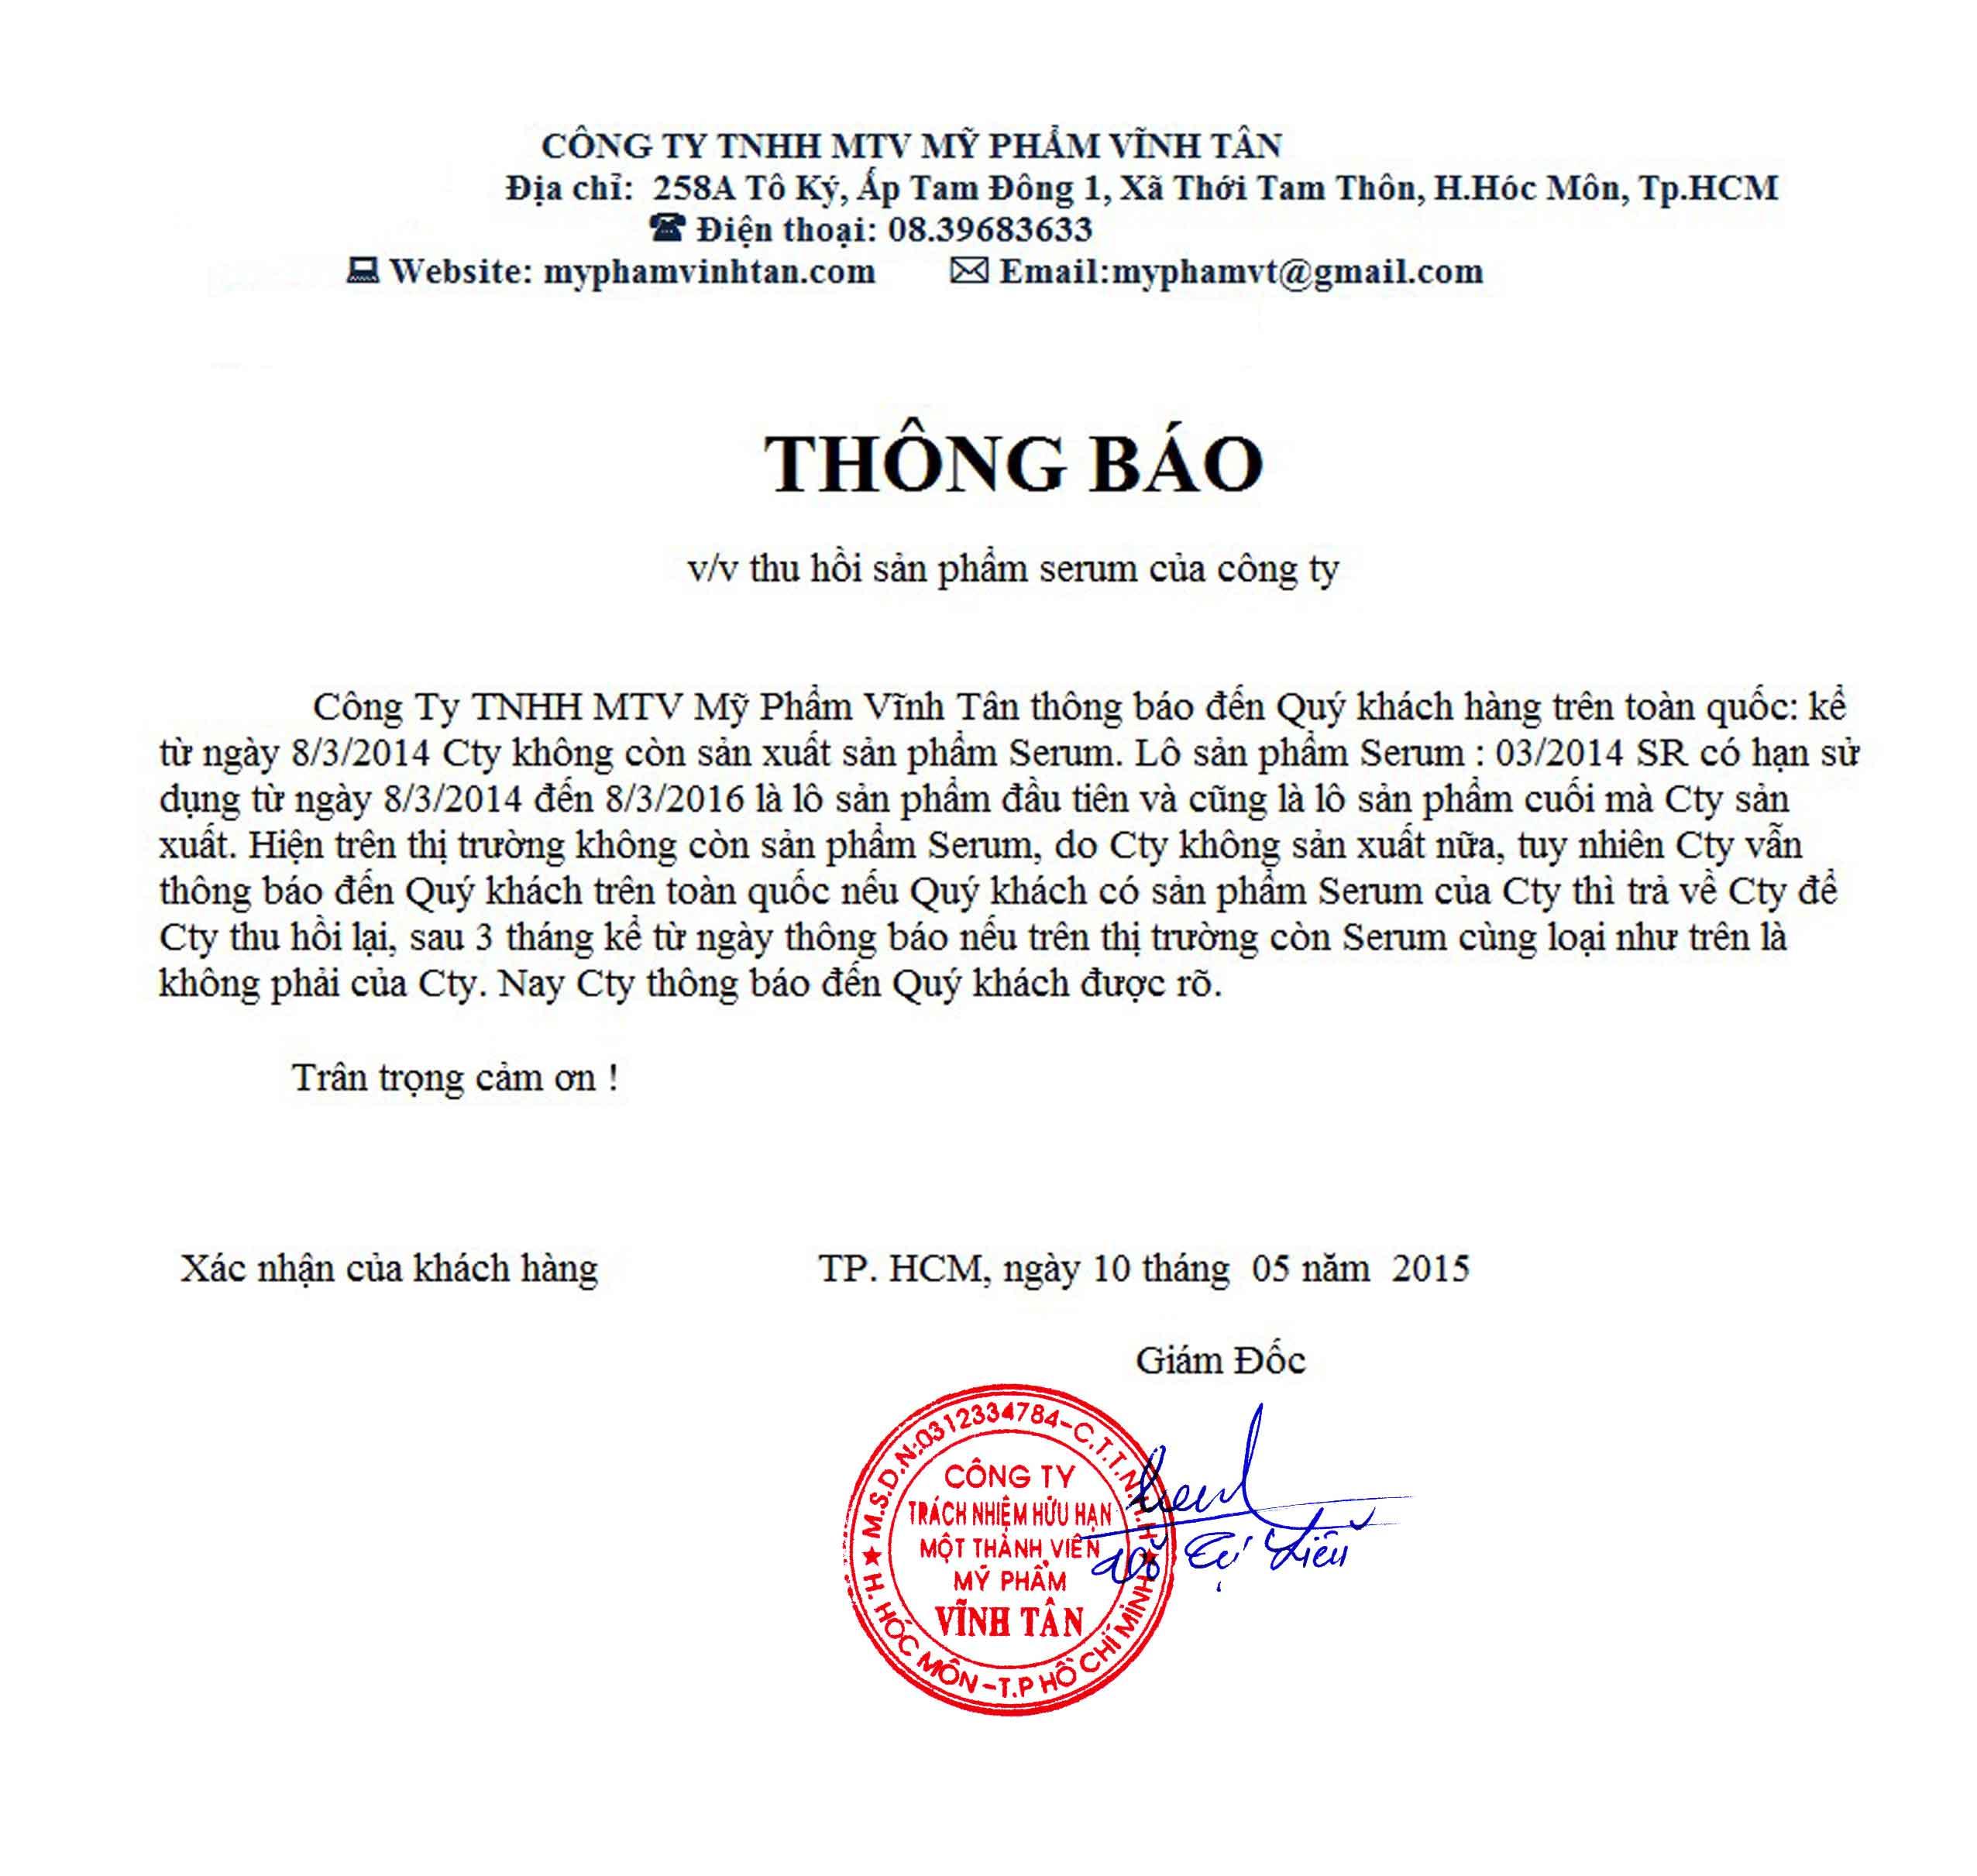 Mỹ Phẩm Vĩnh Tân Xin Thông Báo Ngưng SX Serum Vĩnh Tân